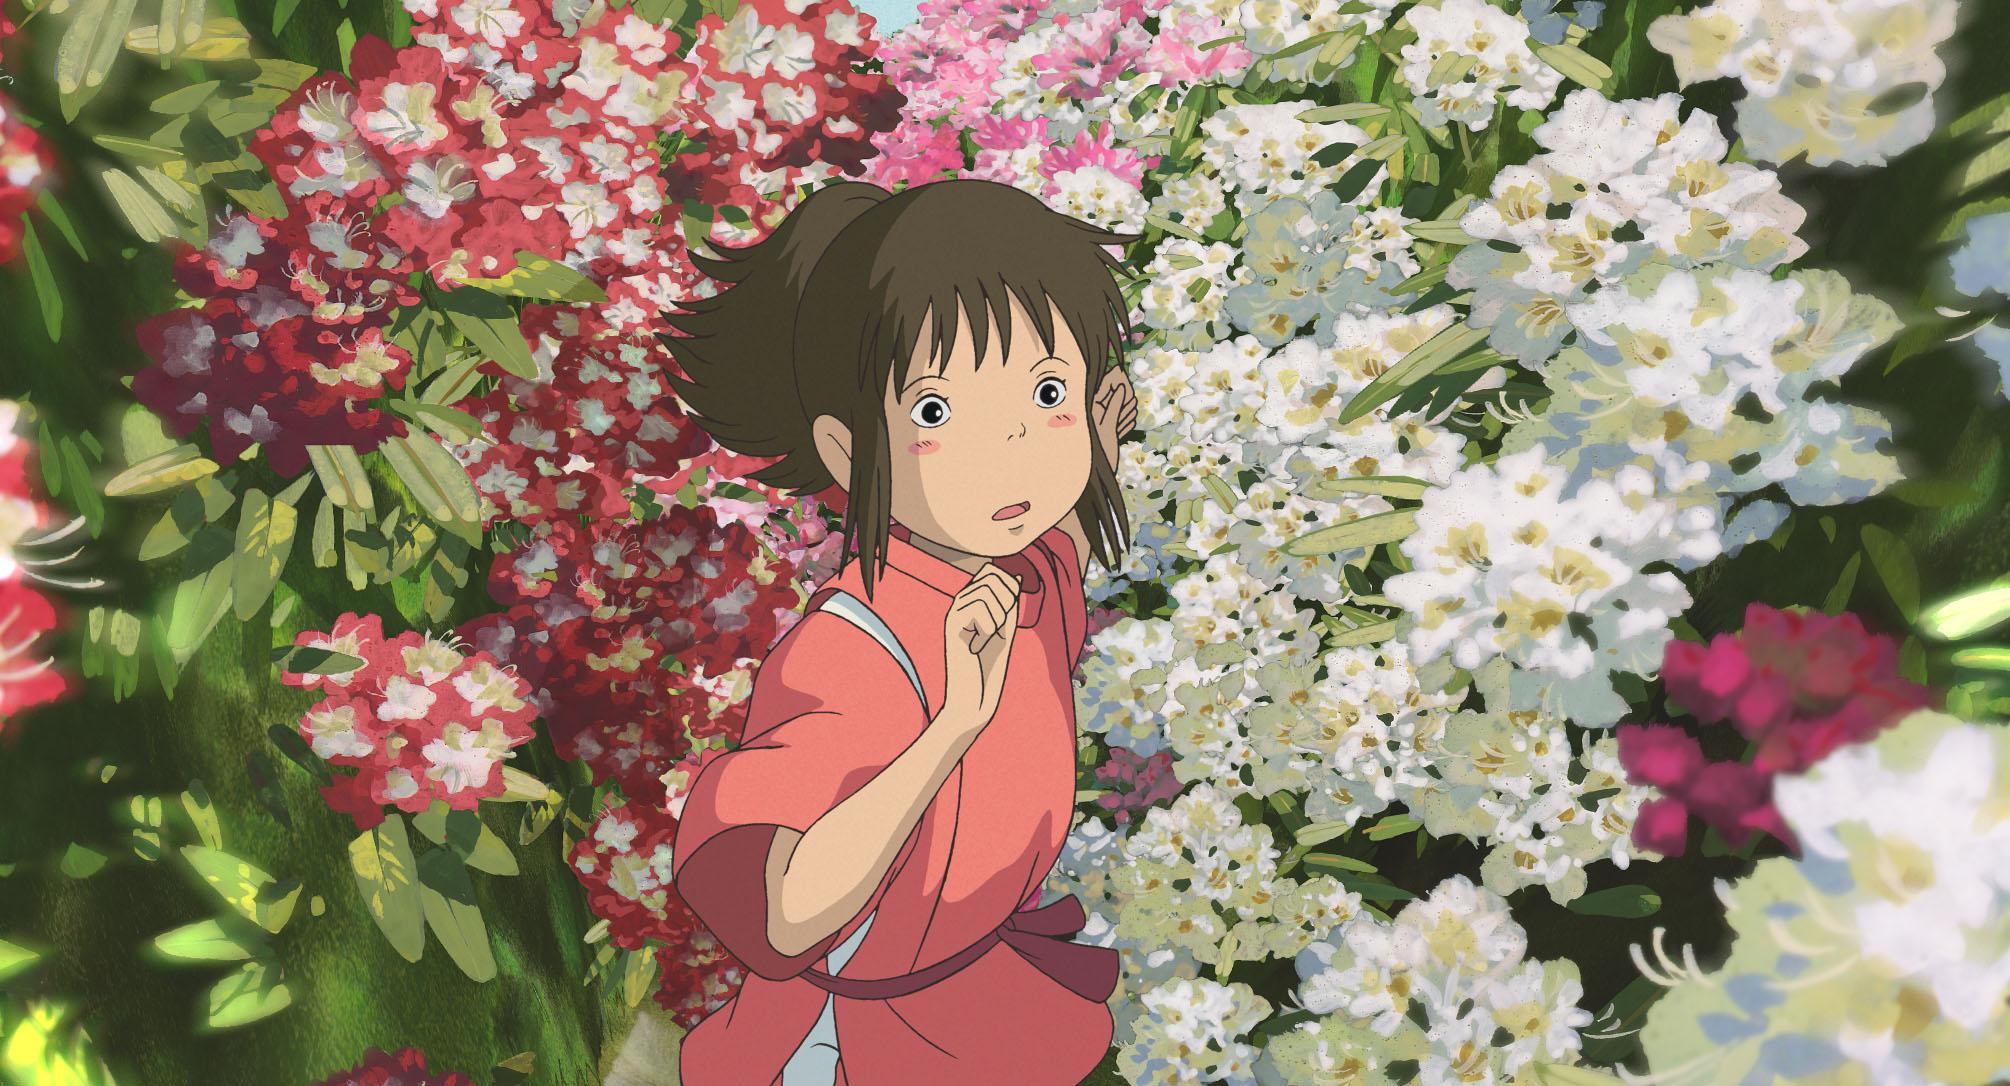 """Imagem do filme de animação """"A Viagem de Chihiro"""". A cena se passa de dia. No centro, vemos Chihiro, uma garota asiática, de pele branca, bochechas rosadas e cabelos castanhos presos em um rabo de cavalo, vestindo um kimono vermelho. Ela se esgueira entre um grande jardim de flores brancas e vermelhas, e seu semblante é confuso."""